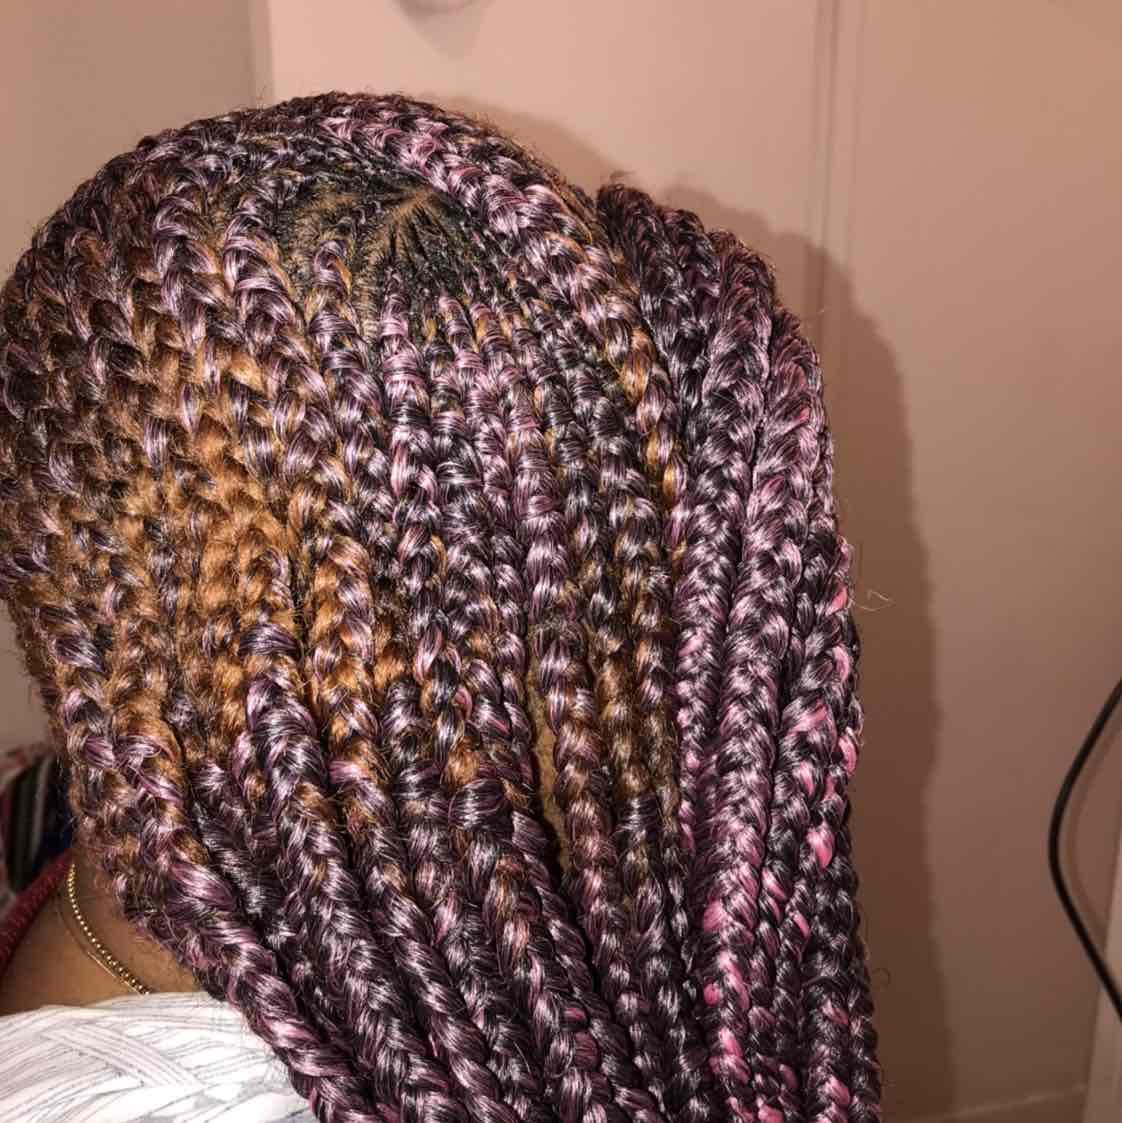 salon de coiffure afro tresse tresses box braids crochet braids vanilles tissages paris 75 77 78 91 92 93 94 95 XRJLSZHC